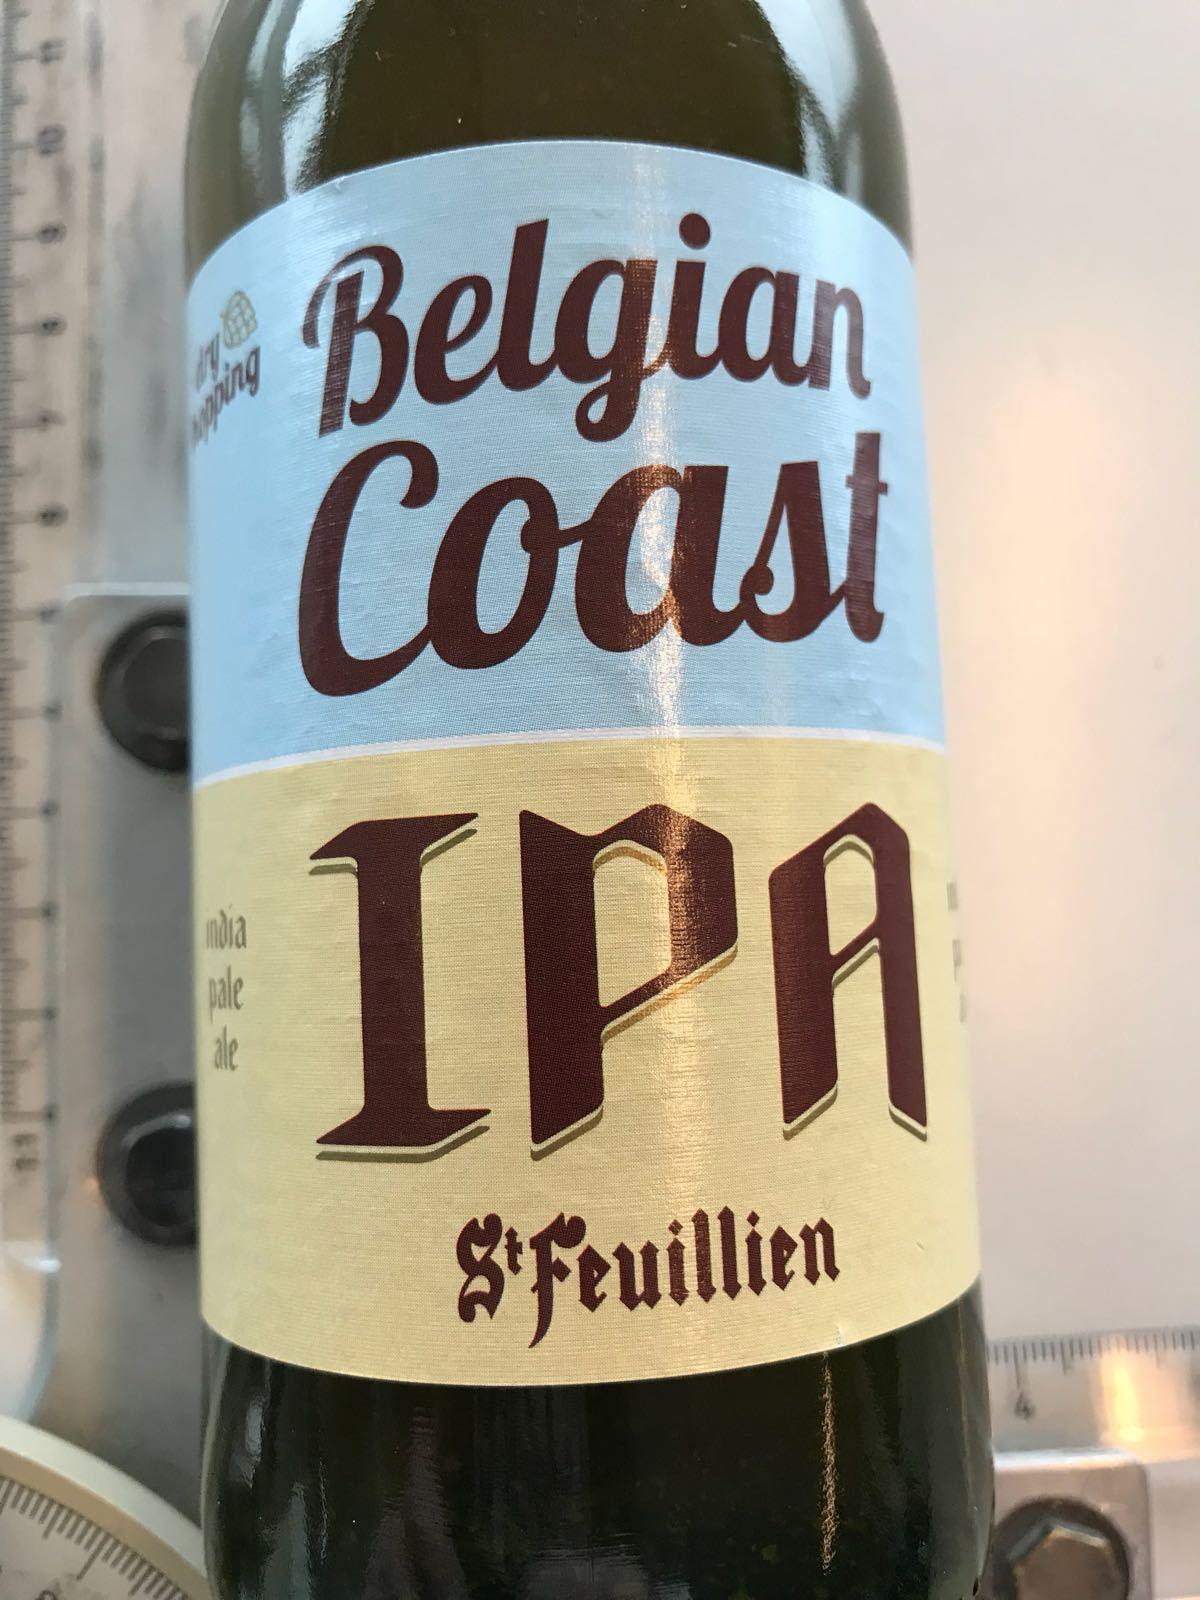 Belgian Coast IPA van Brasserie St. Feuillien